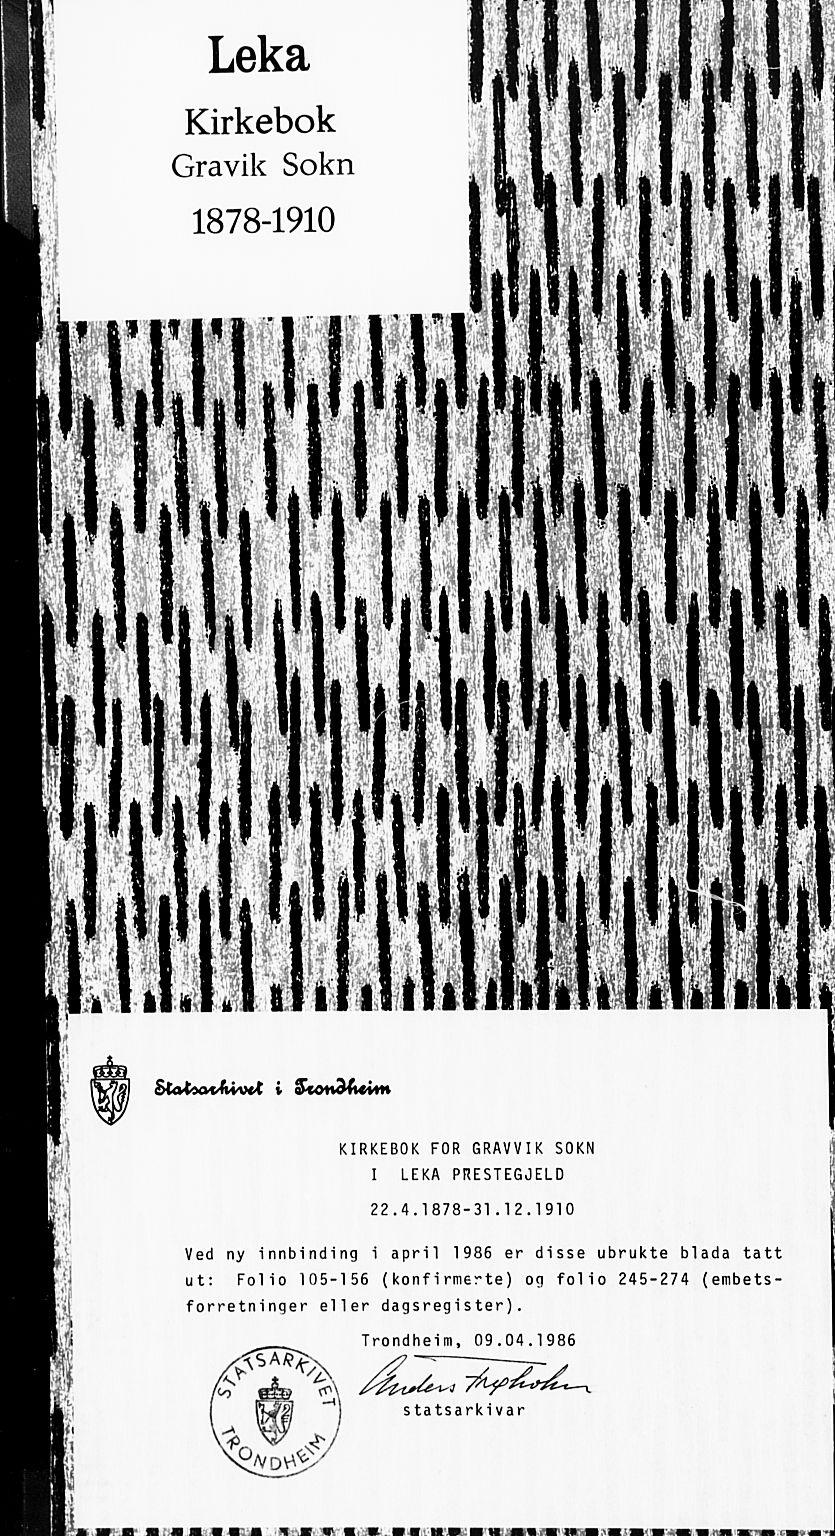 SAT, Ministerialprotokoller, klokkerbøker og fødselsregistre - Nord-Trøndelag, 789/L0705: Ministerialbok nr. 789A01, 1878-1910